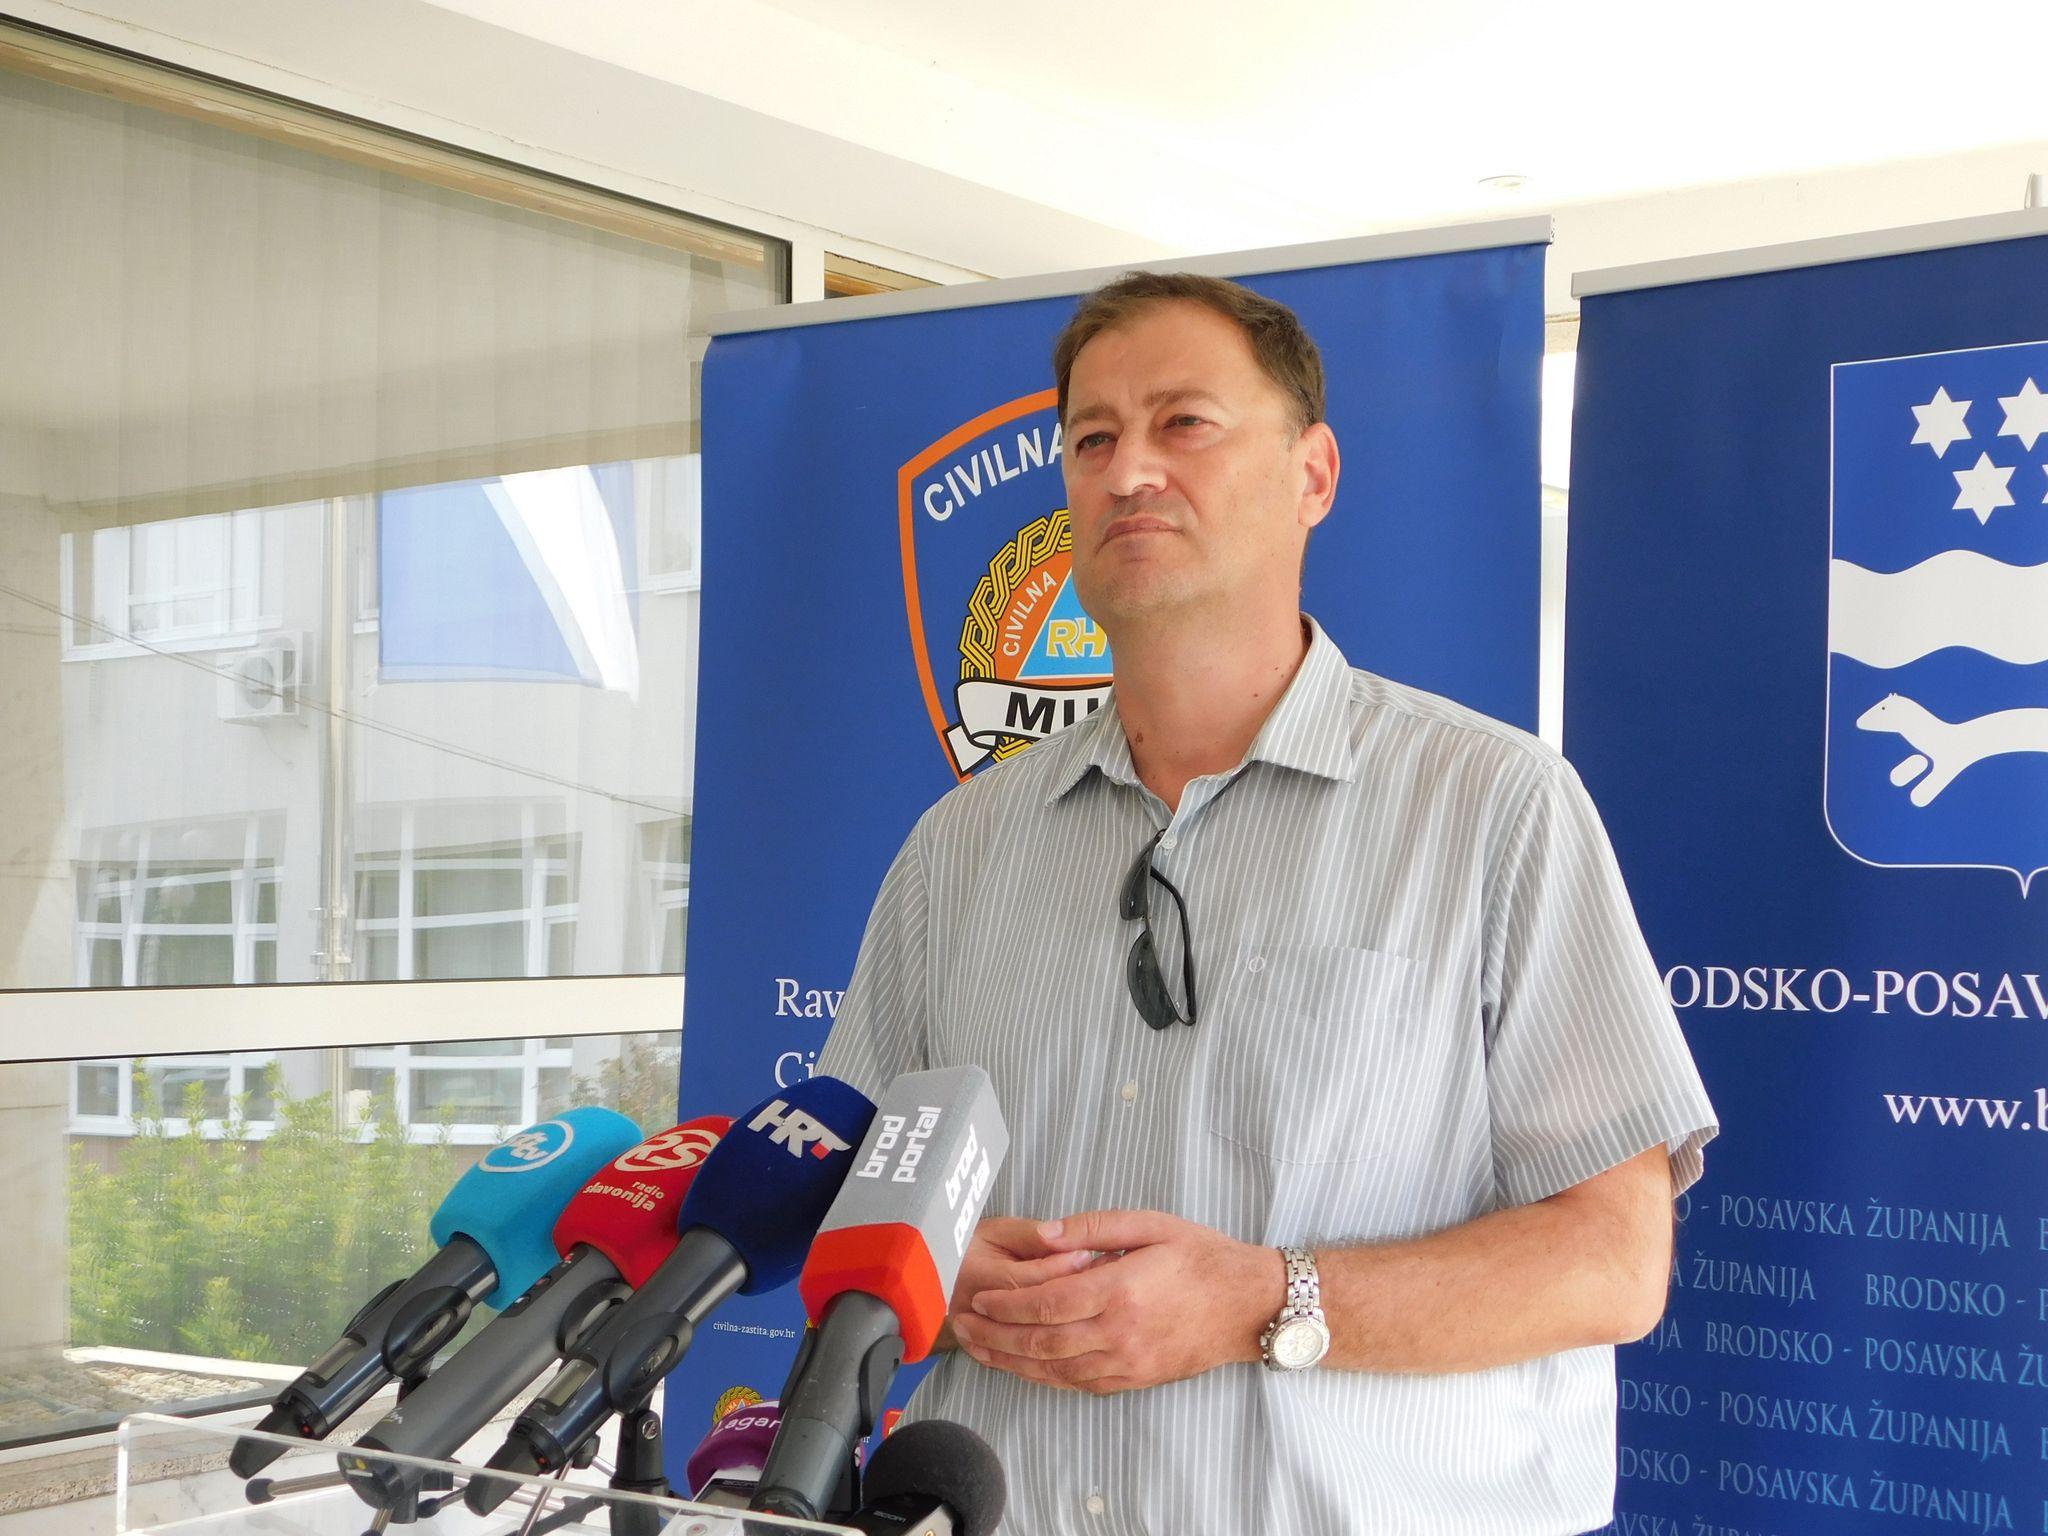 U Brodsko-posavskoj županiji danas 31 novi slučaj zaraze koronavirusom